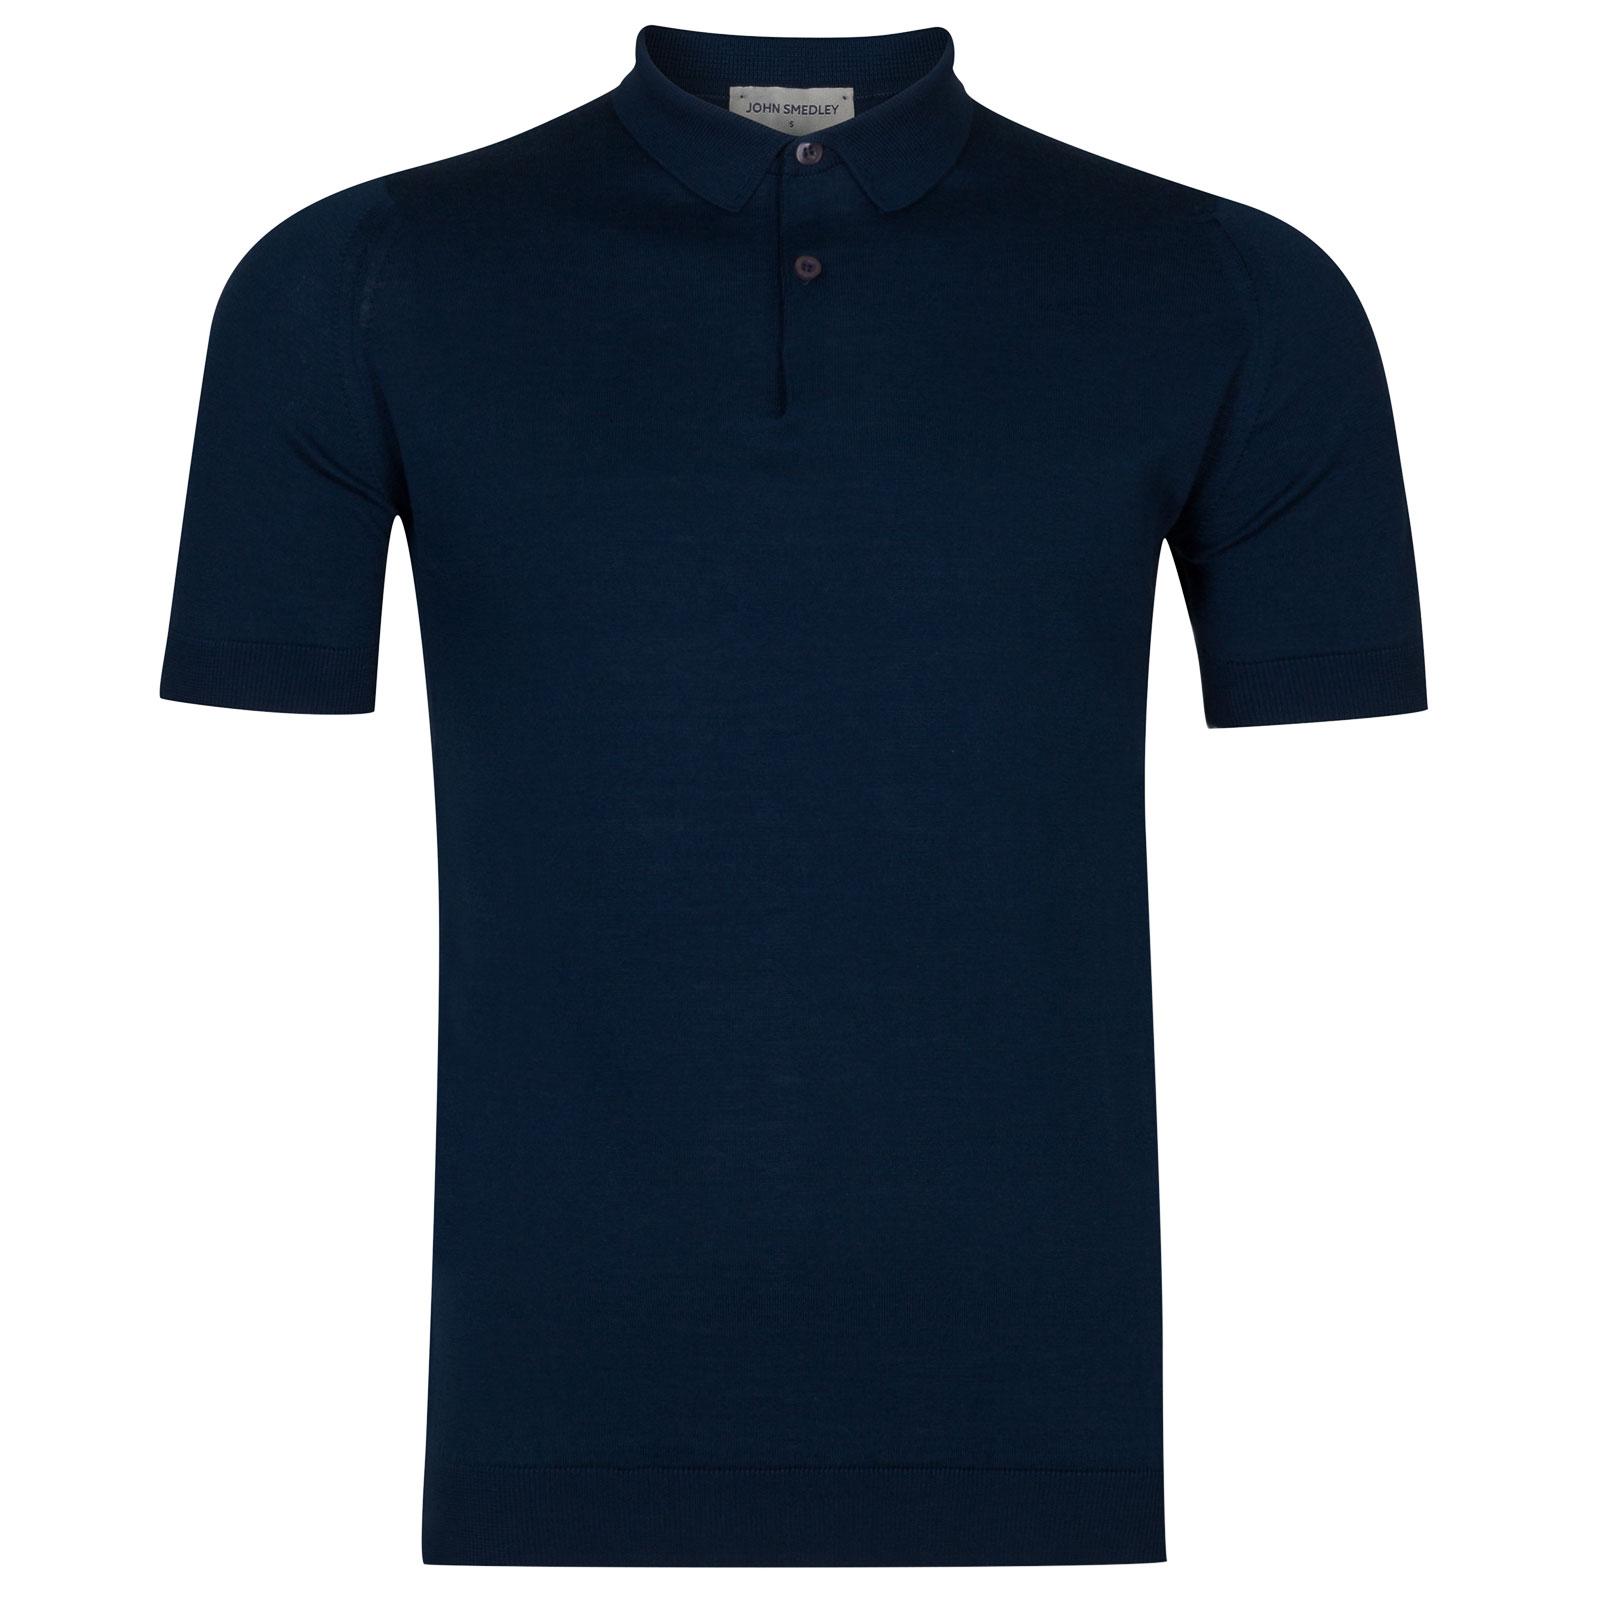 John Smedley rhodes Sea Island Cotton Shirt in Indigo-M